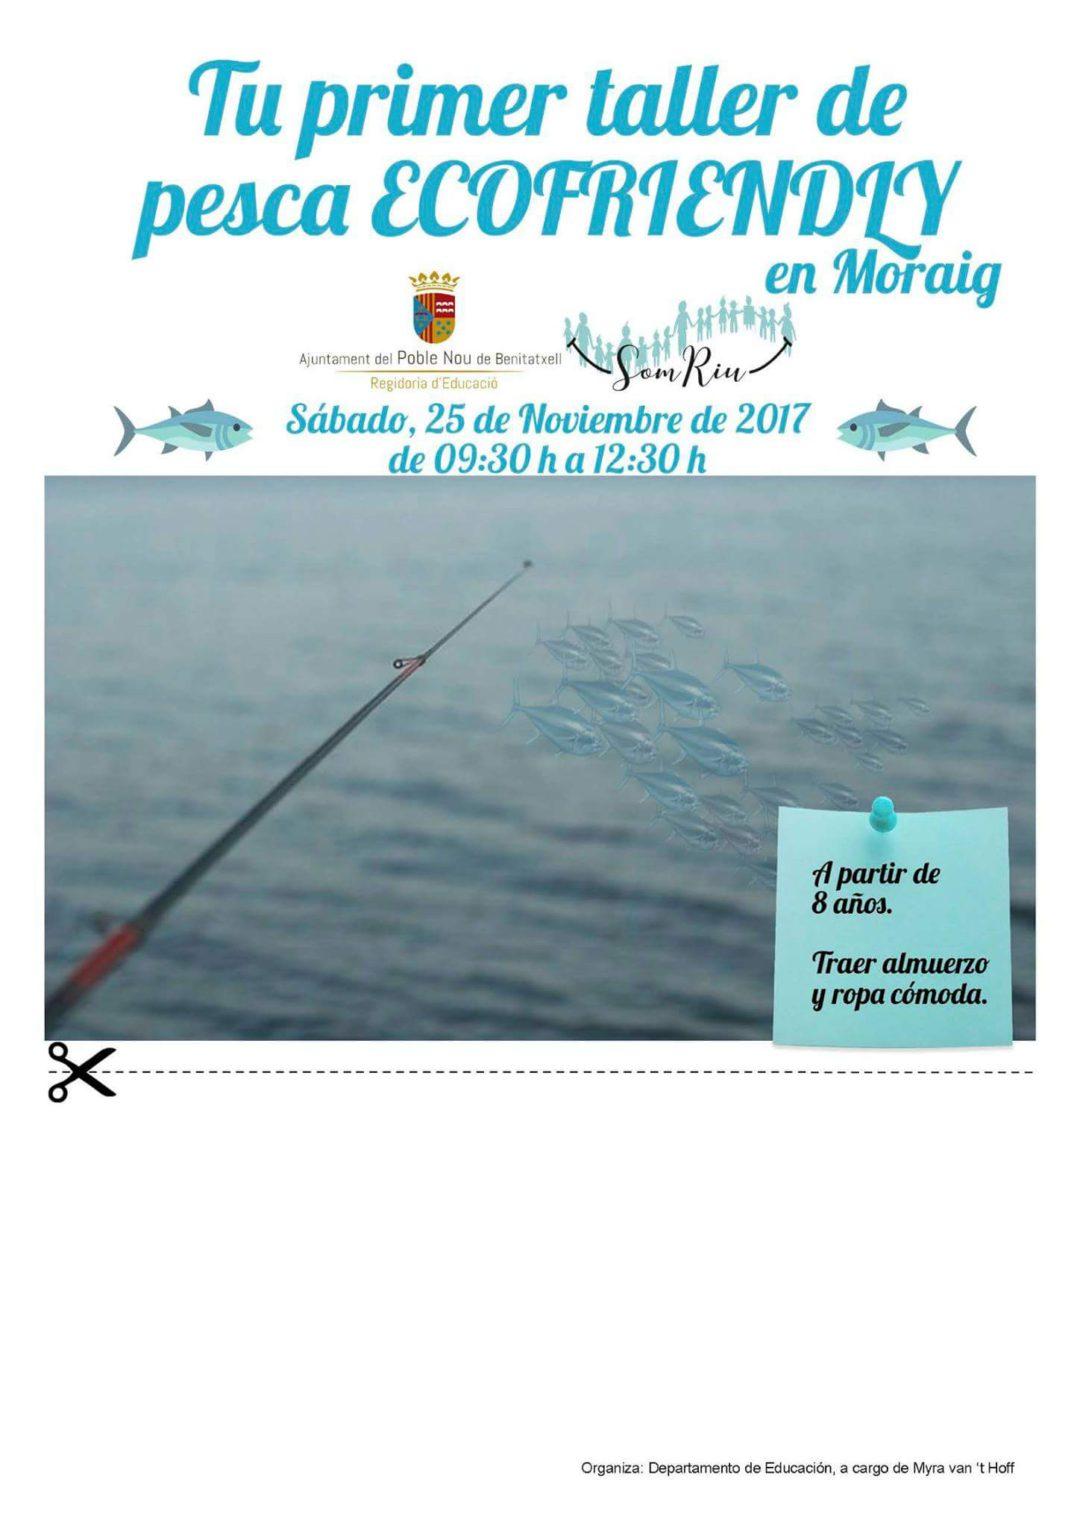 Taller Pesca Ecofriendly en la Cala Moraig.